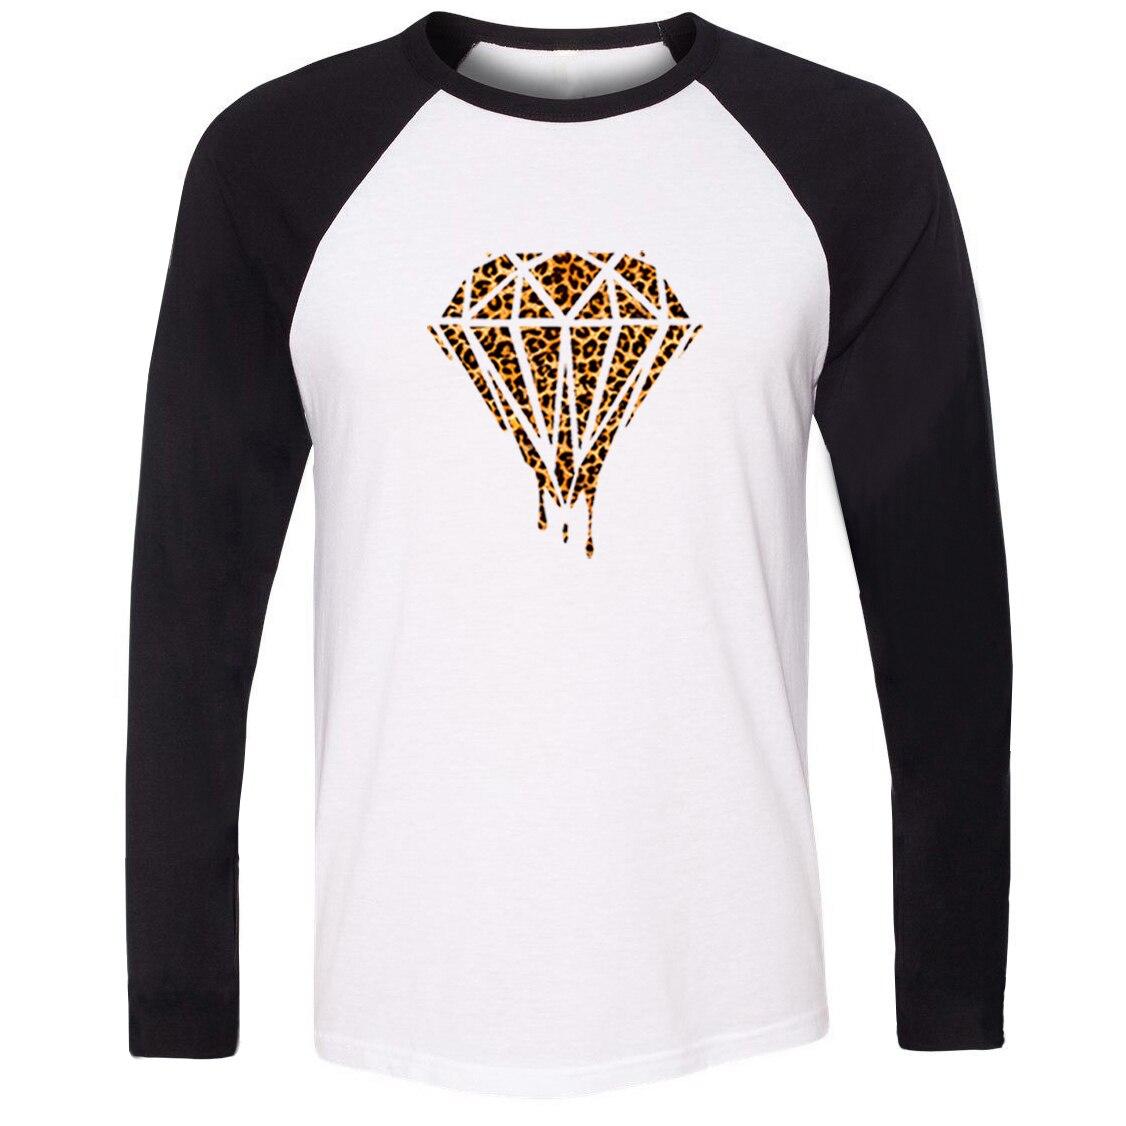 IDzn, camiseta de leopardo y diamante de galaxia que se derrite, camiseta raglán de algodón, camisetas de hombre de manga larga, Tops de marca para mujer, chico y chica